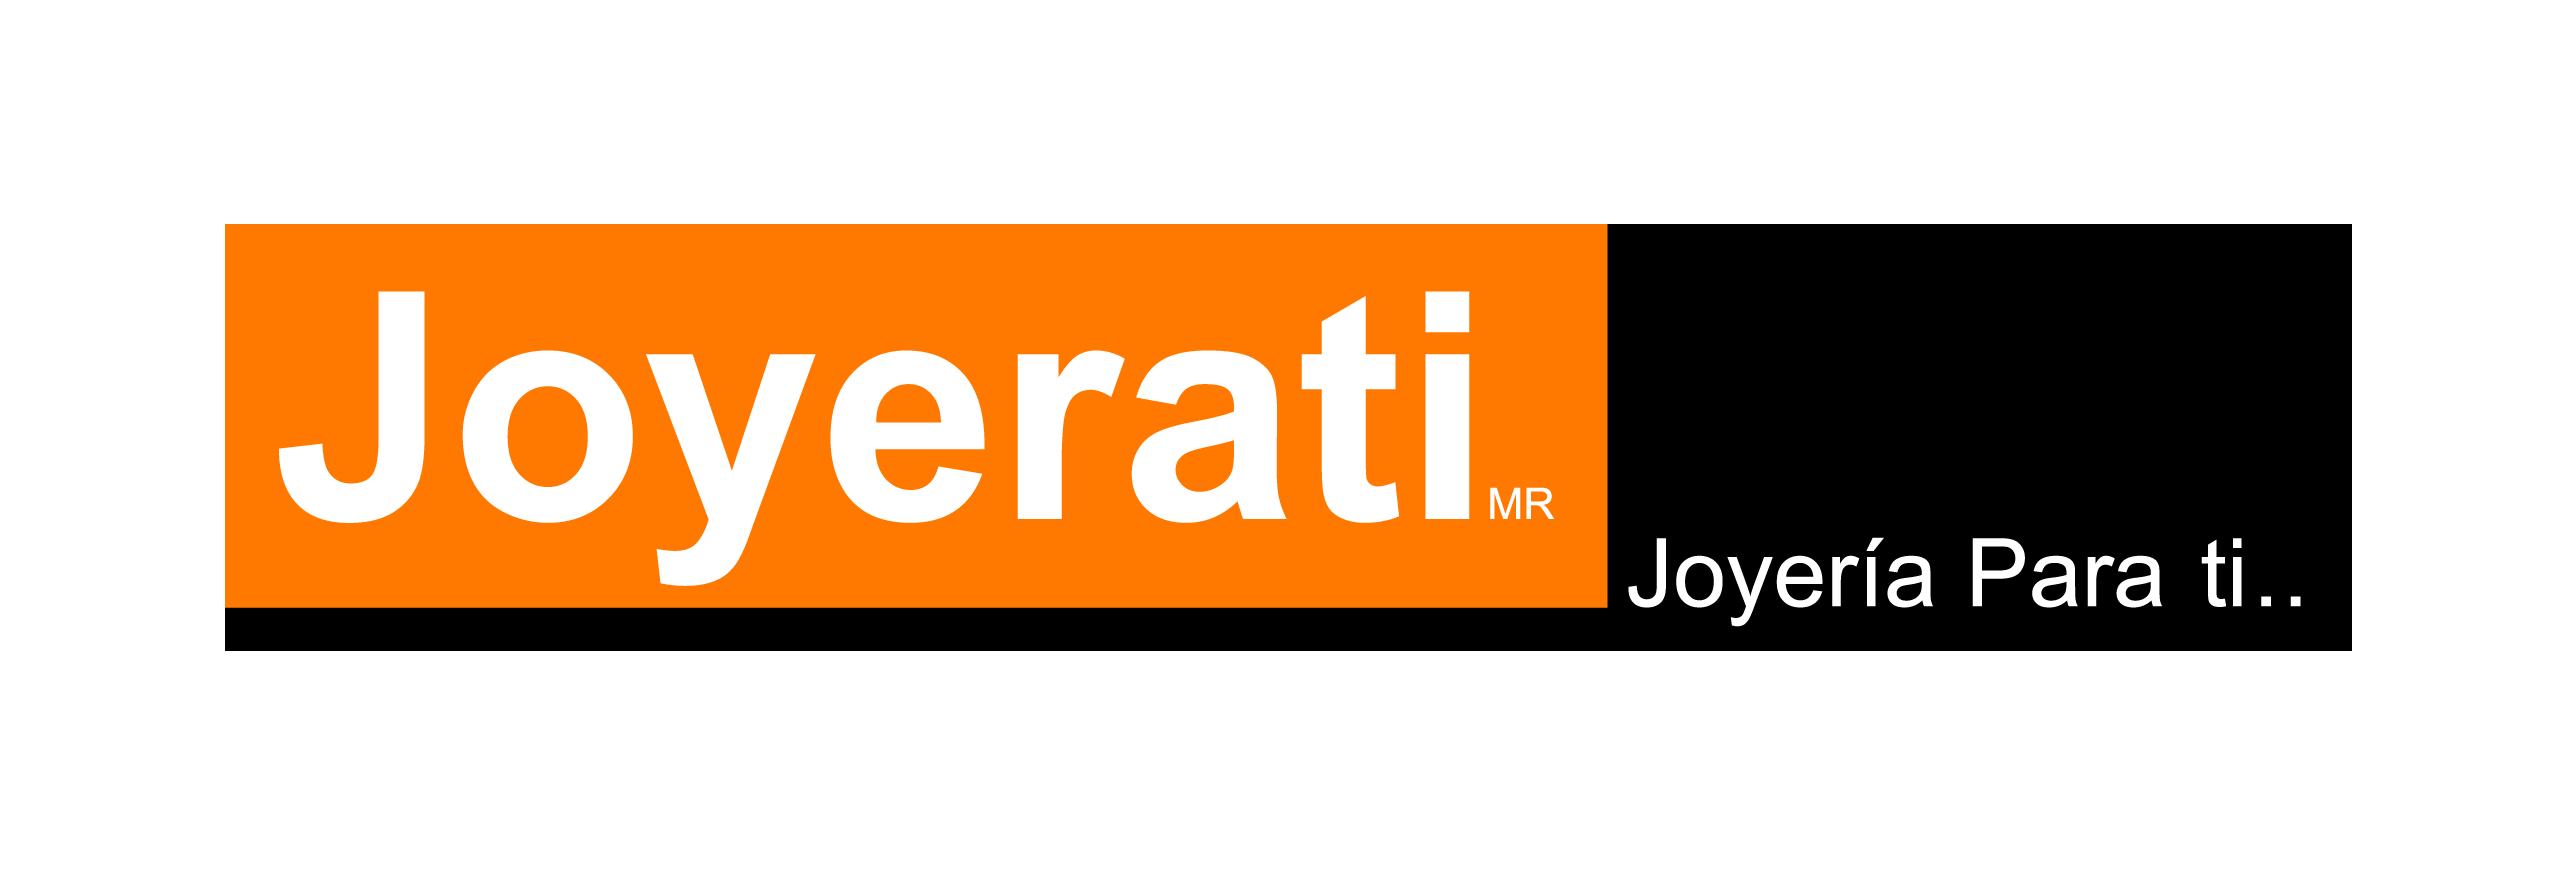 JOYERATI